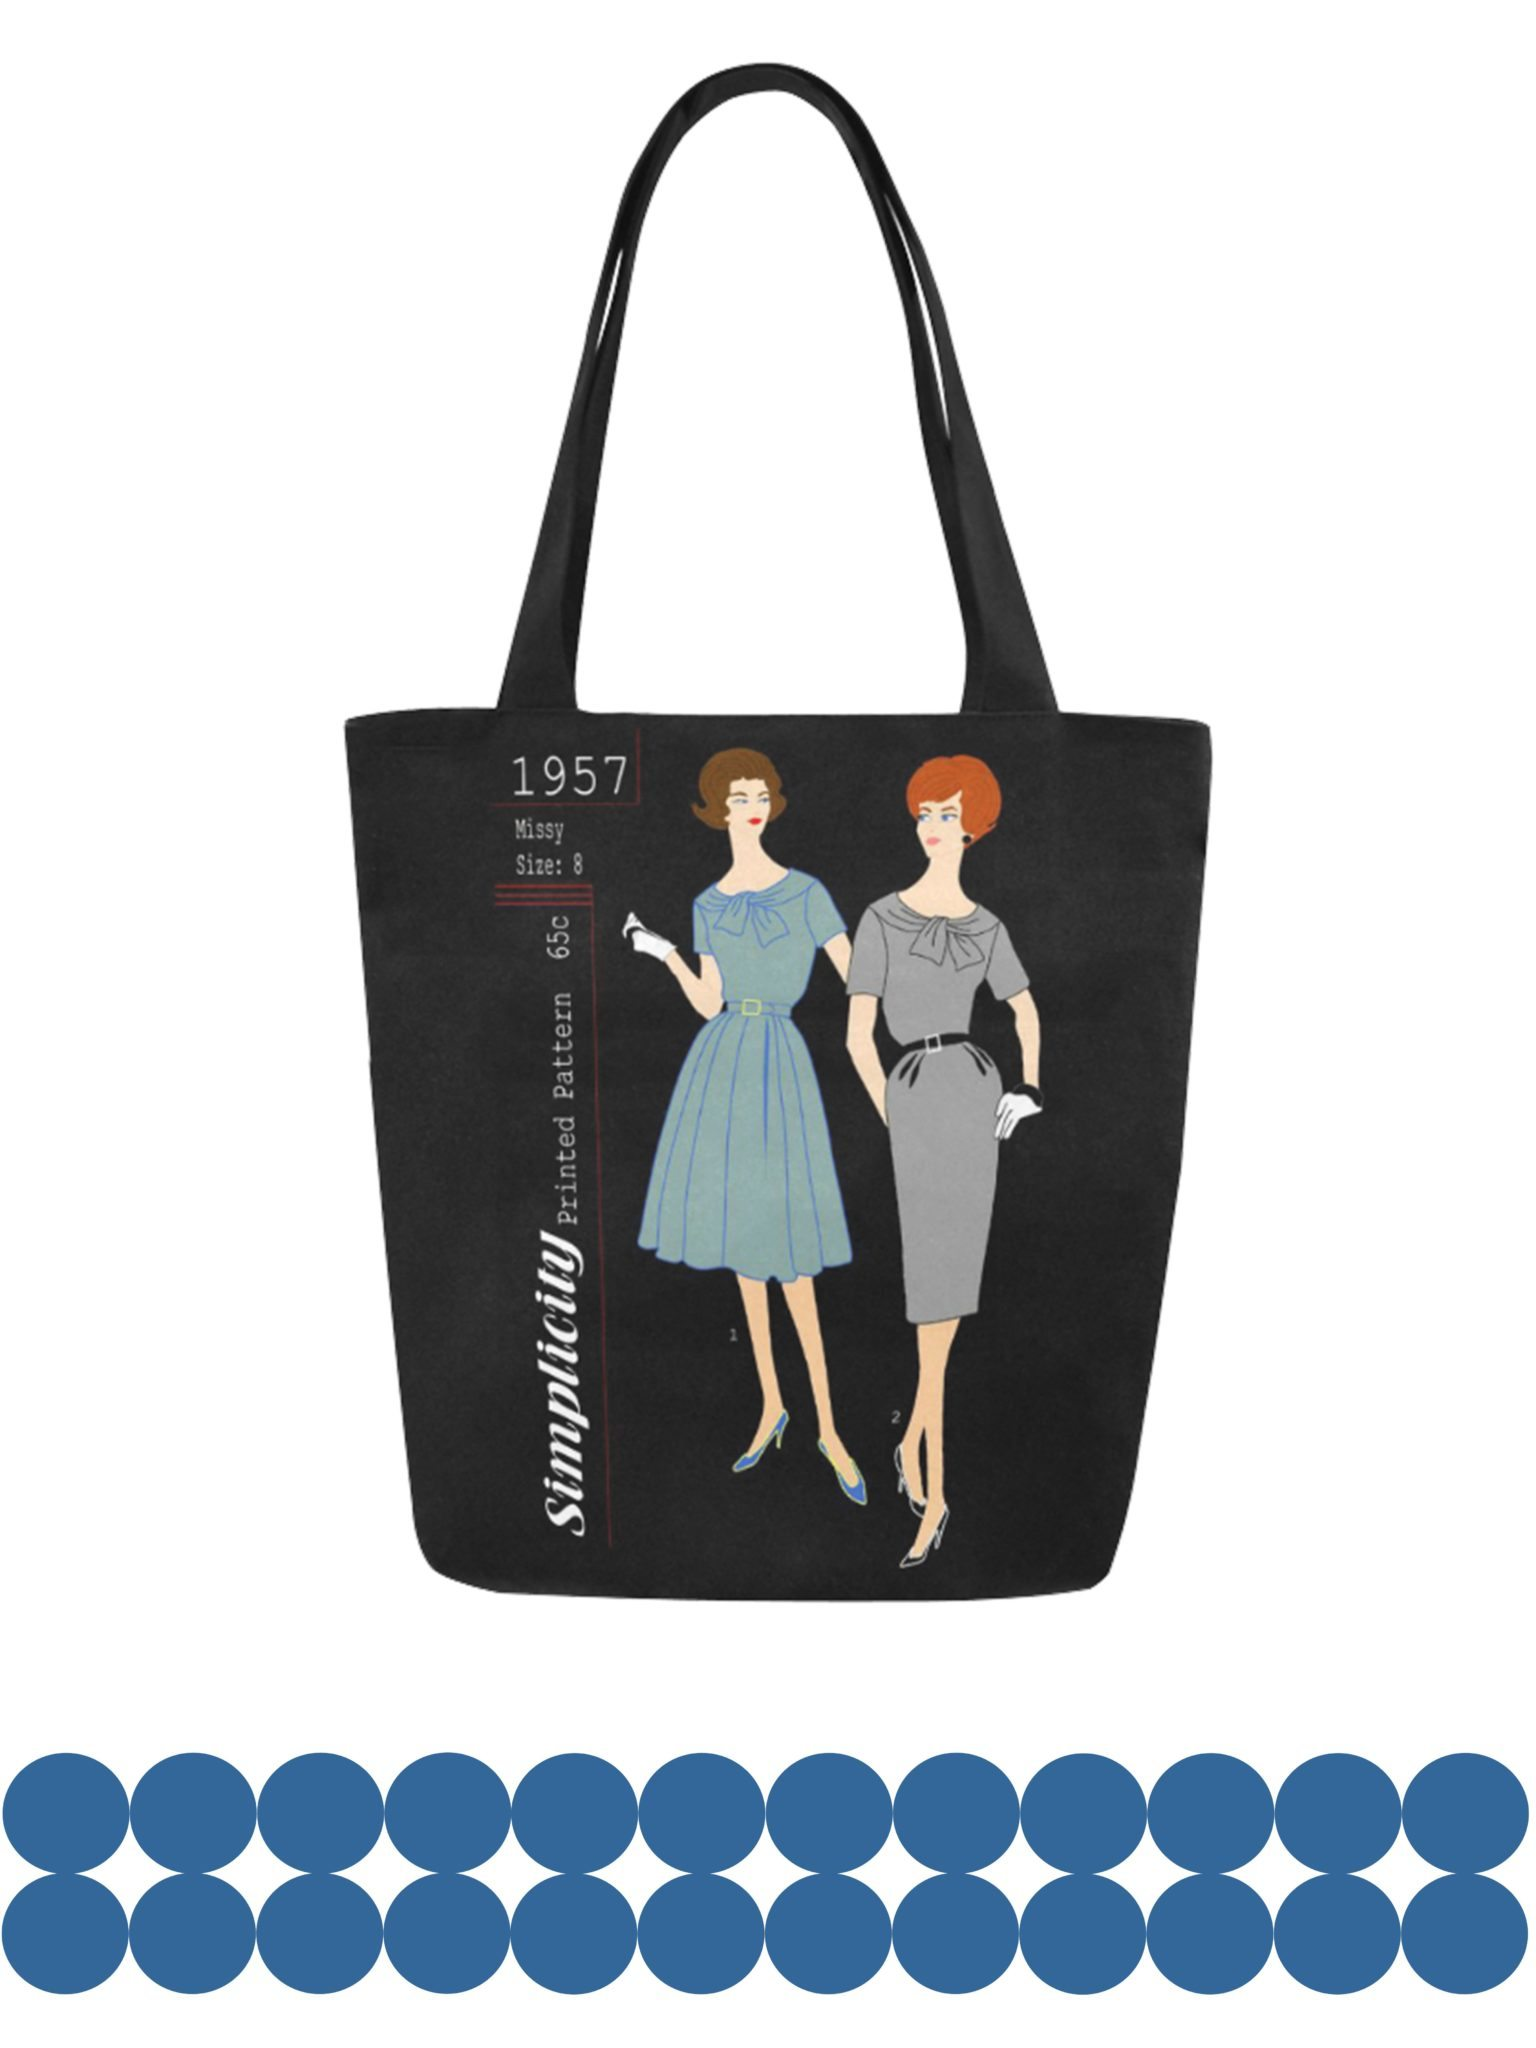 vintage pattern canvas tote bag original illustration kayci garline wheatley. Black Bedroom Furniture Sets. Home Design Ideas